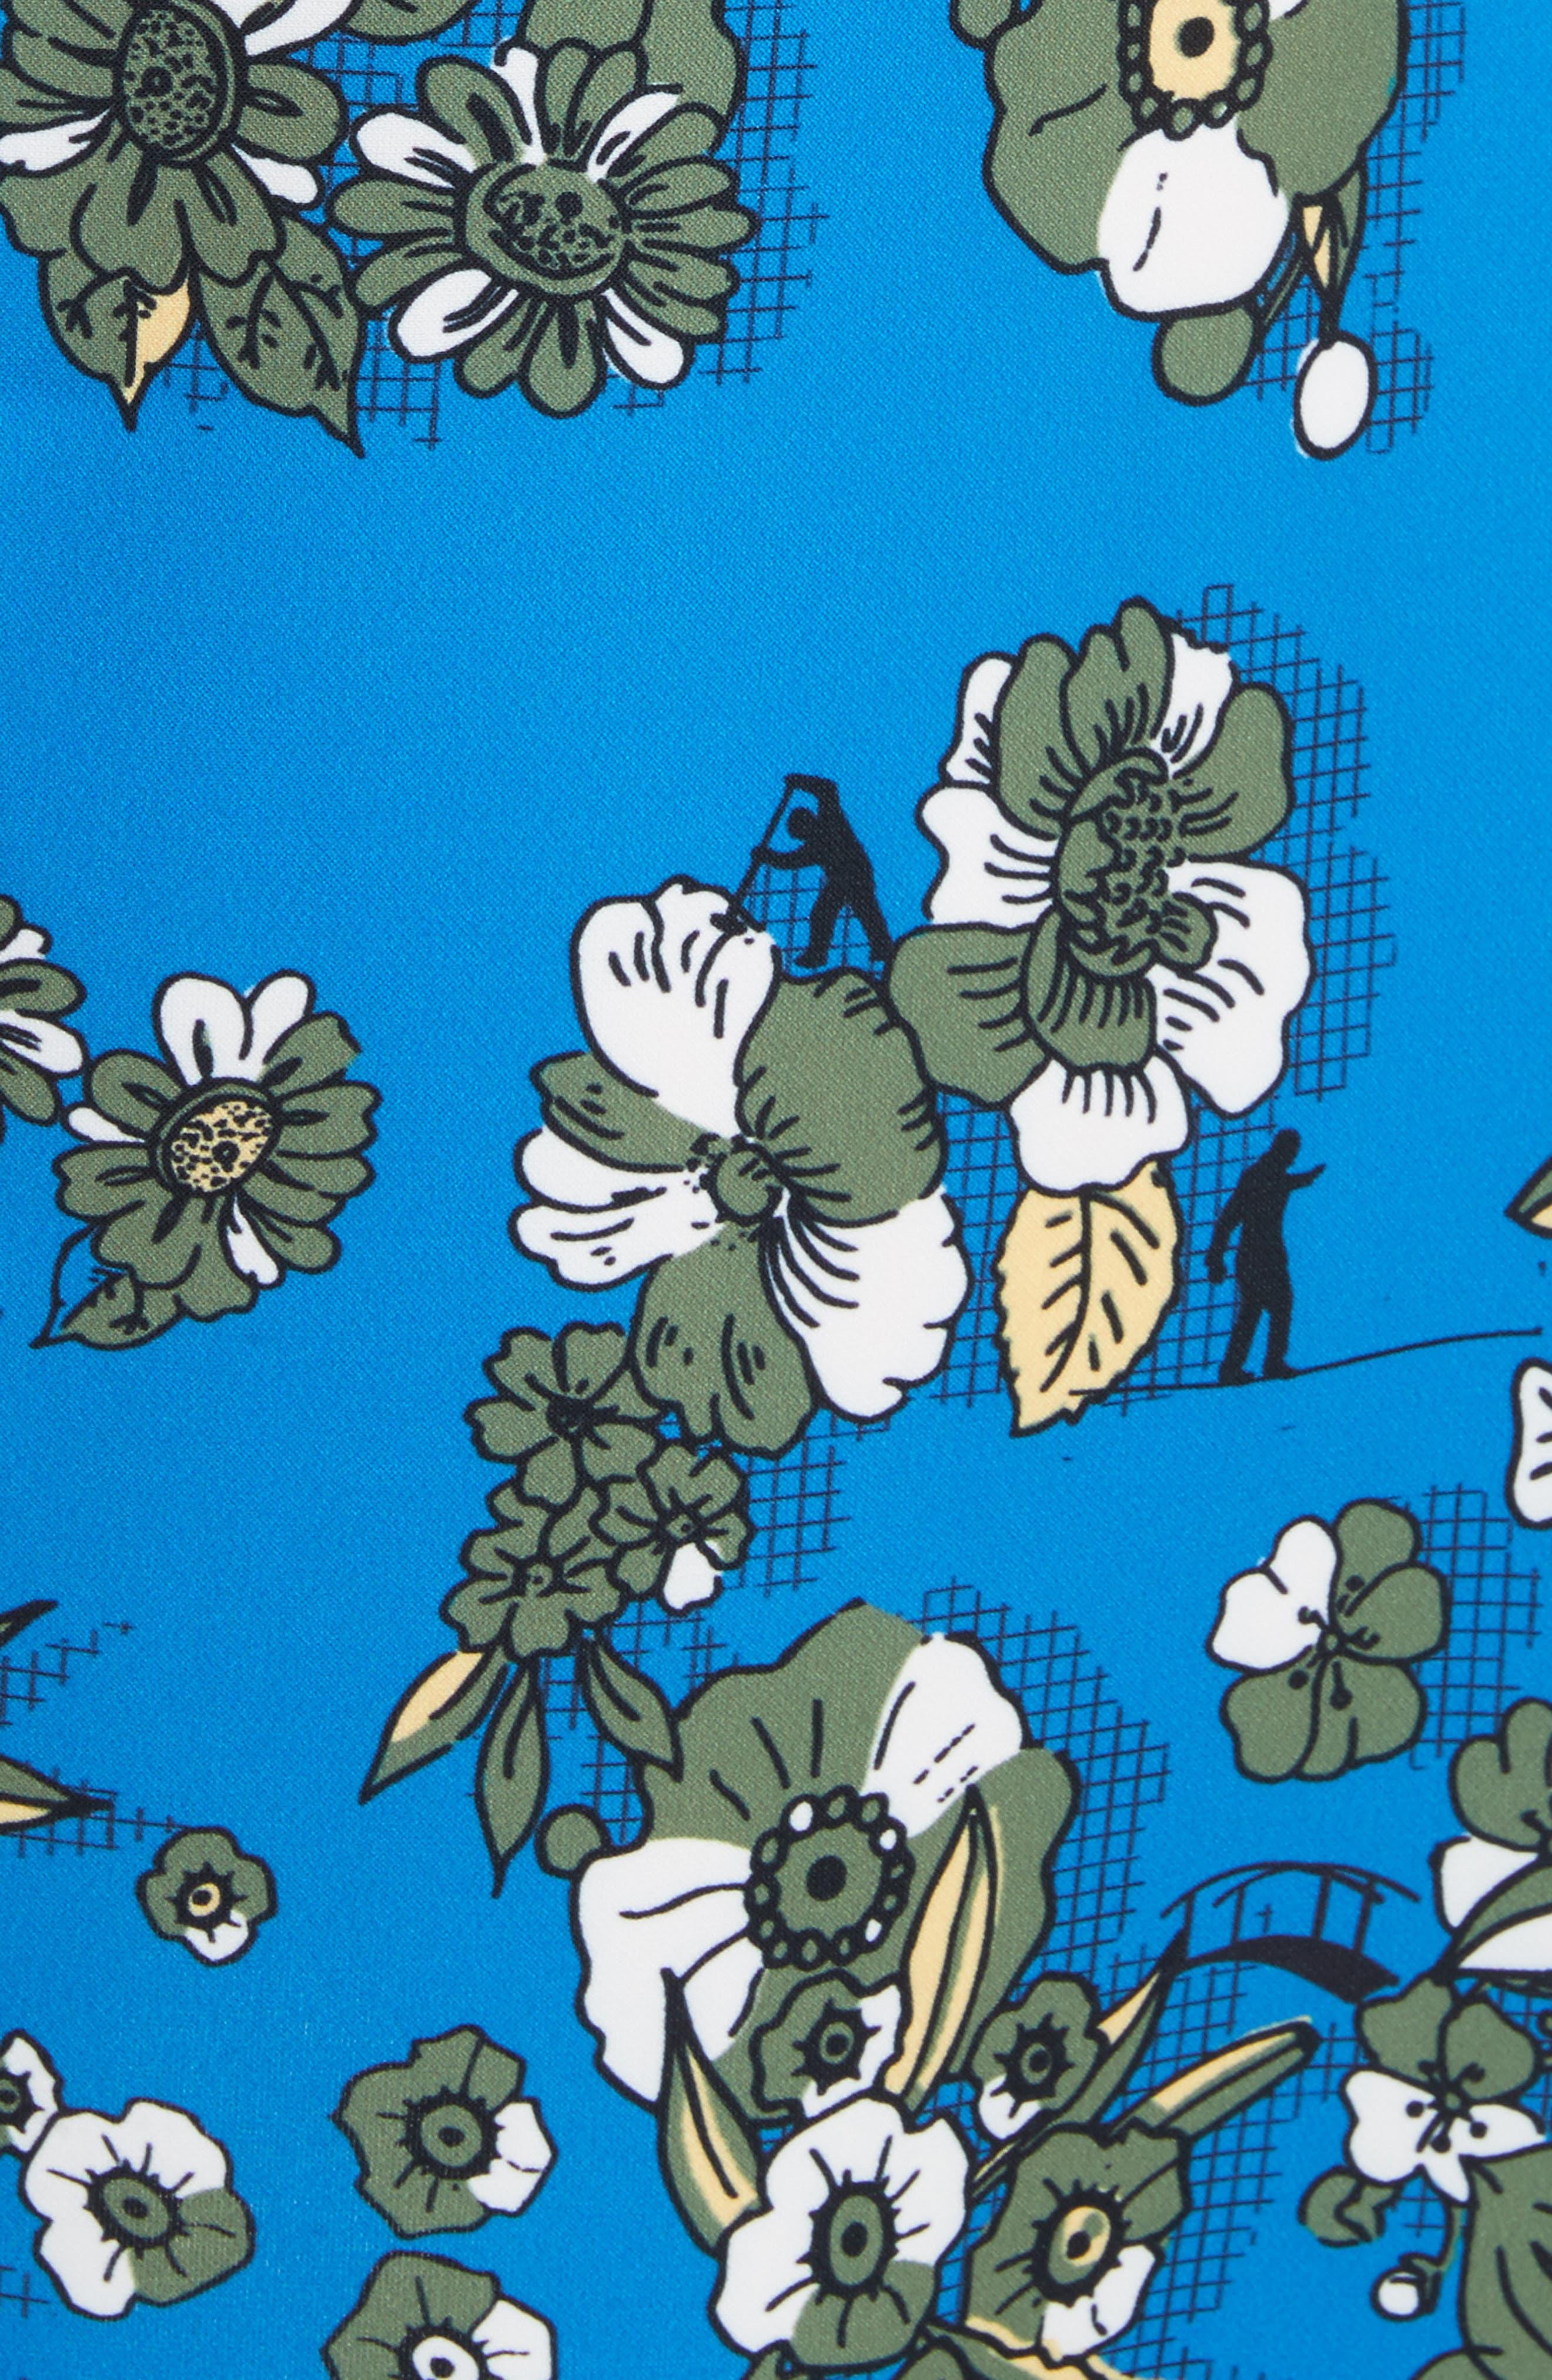 Colorblock Floral Shift Dress,                             Alternate thumbnail 5, color,                             402